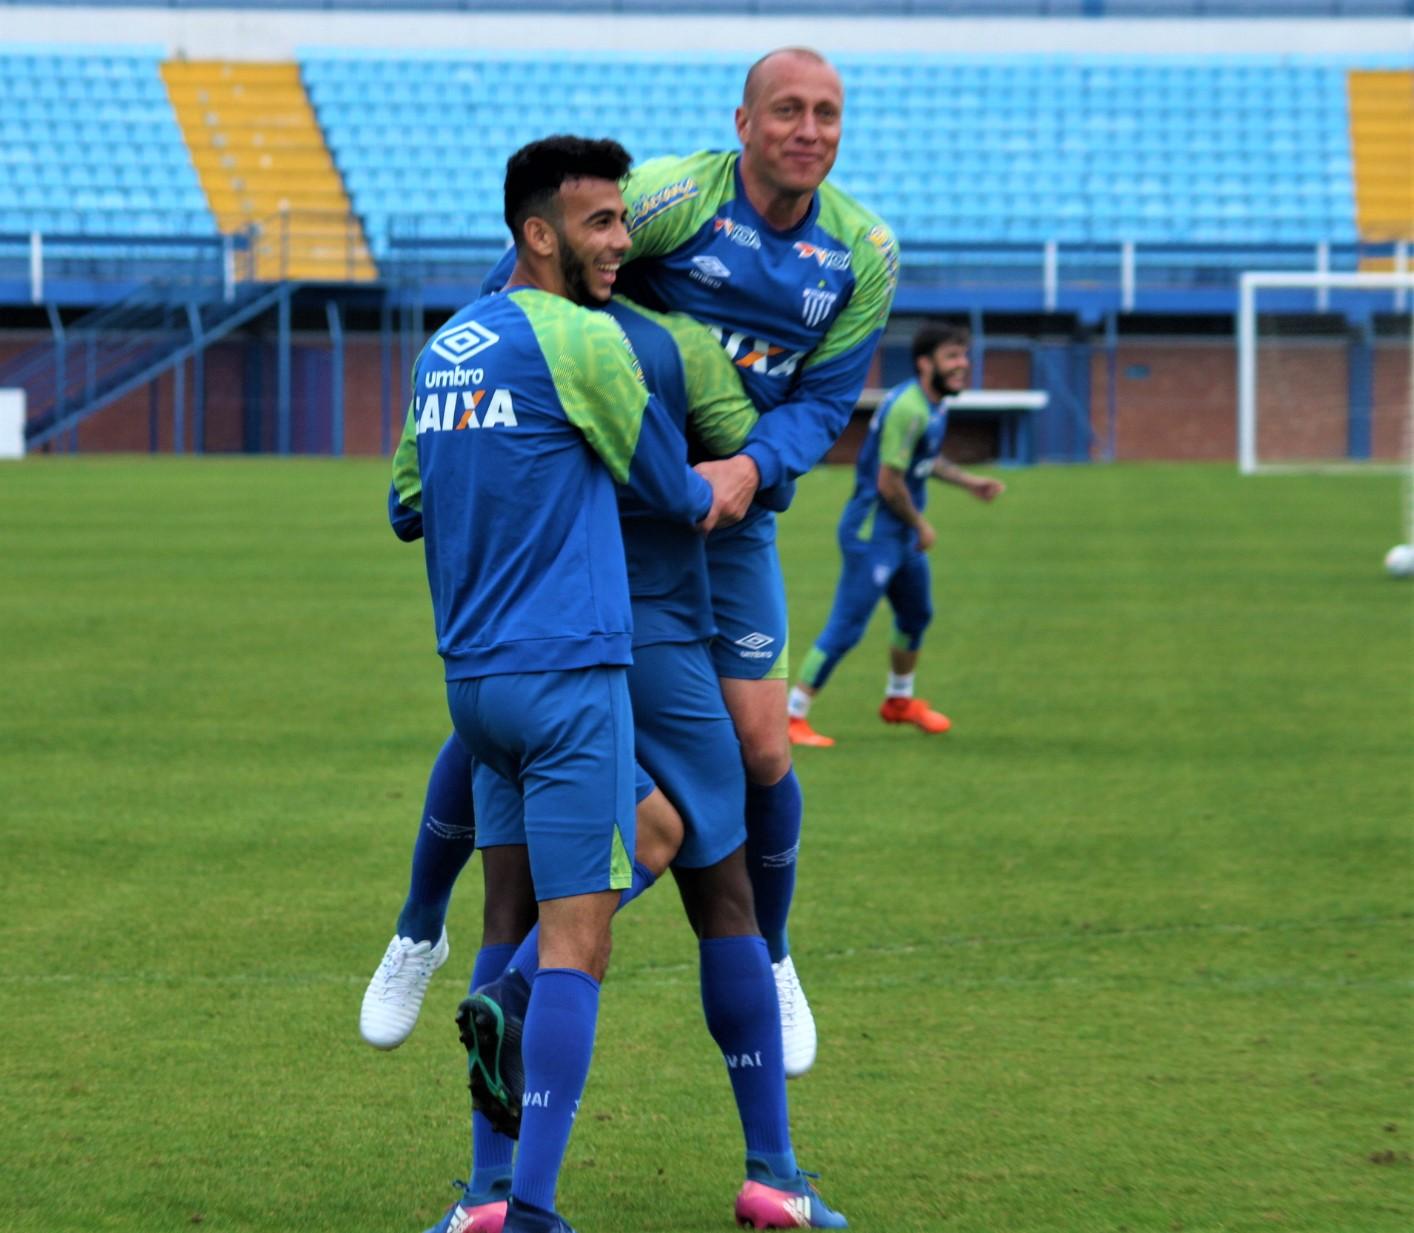 Avaí finaliza preparação para enfrentar Atlético-GO nesta terça-feira